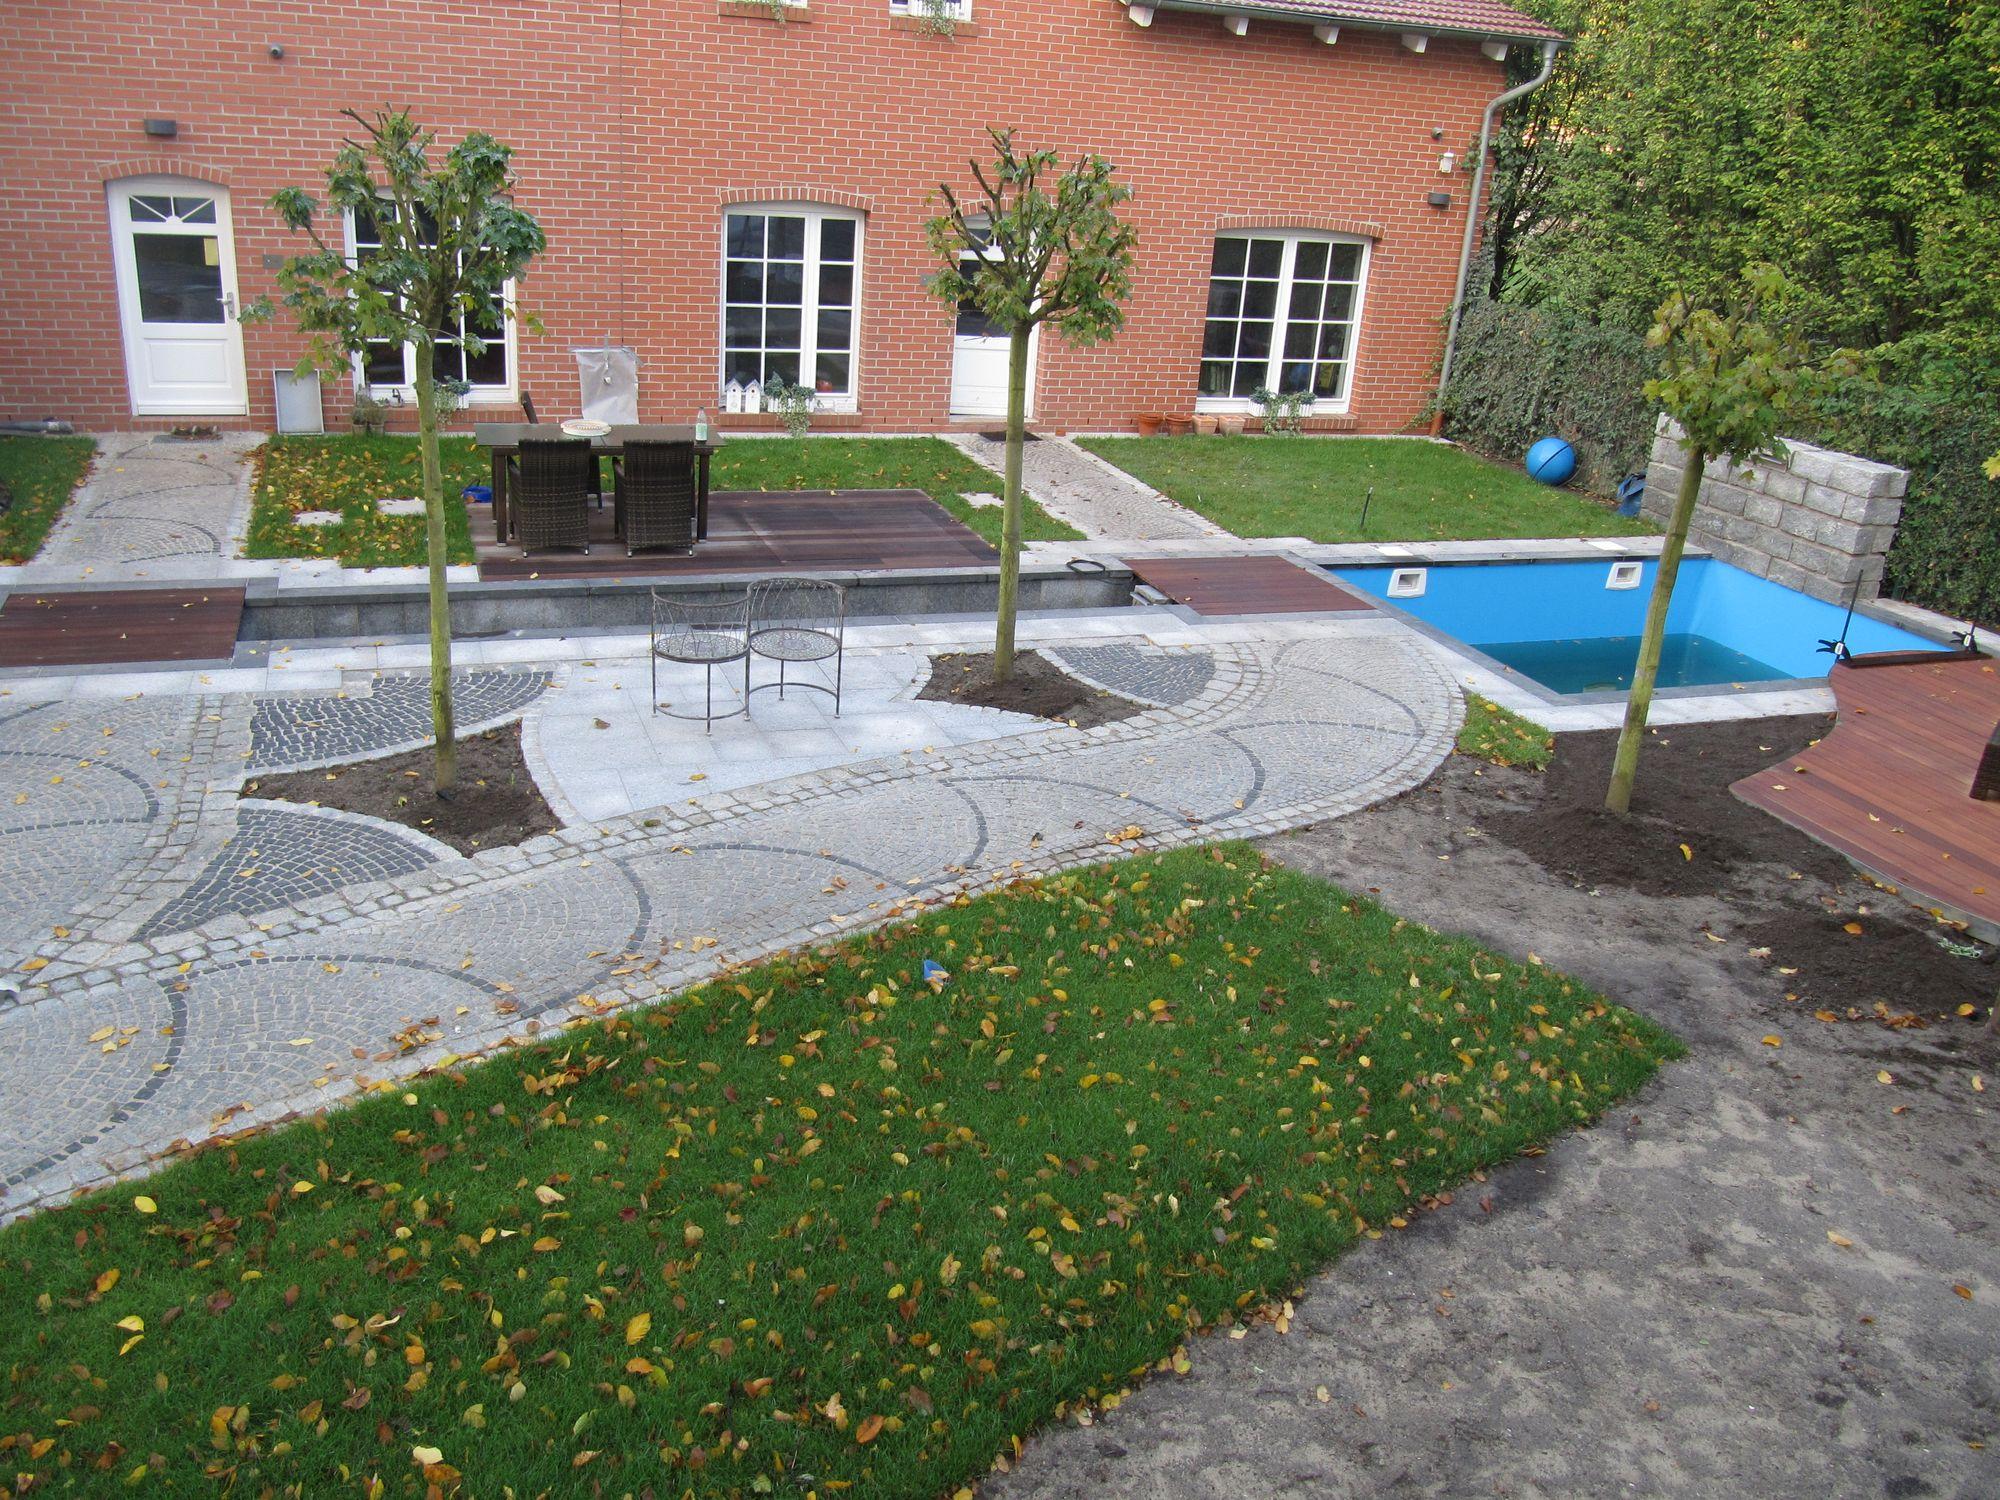 Garten mit Pool und Freizeitflächen für die ganze Familie